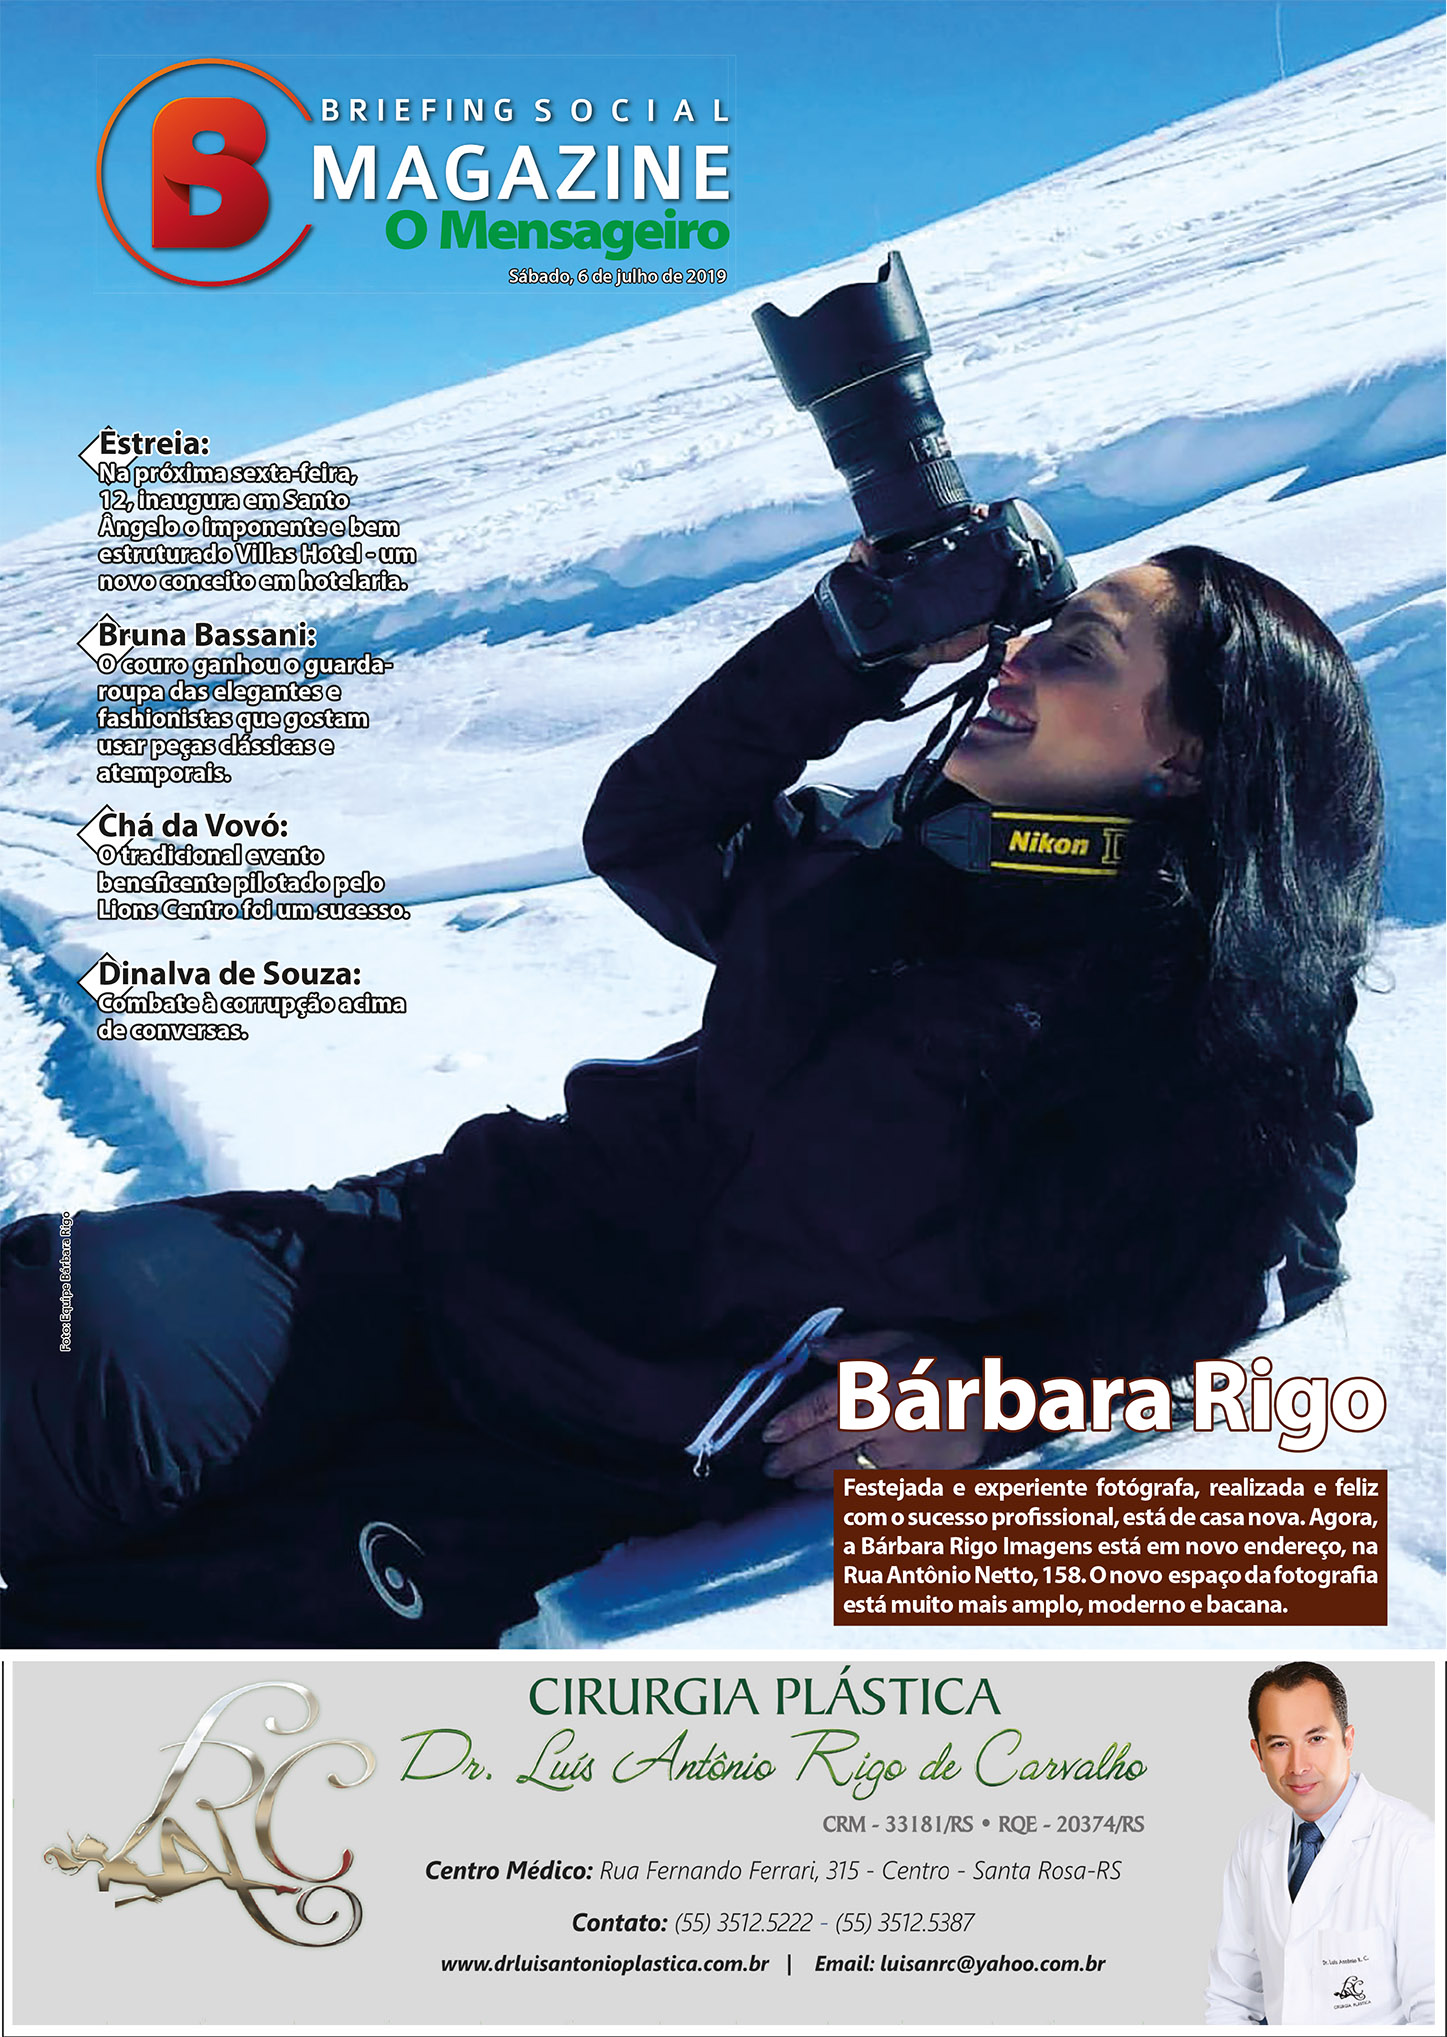 06072019 - BS Magazine.indd